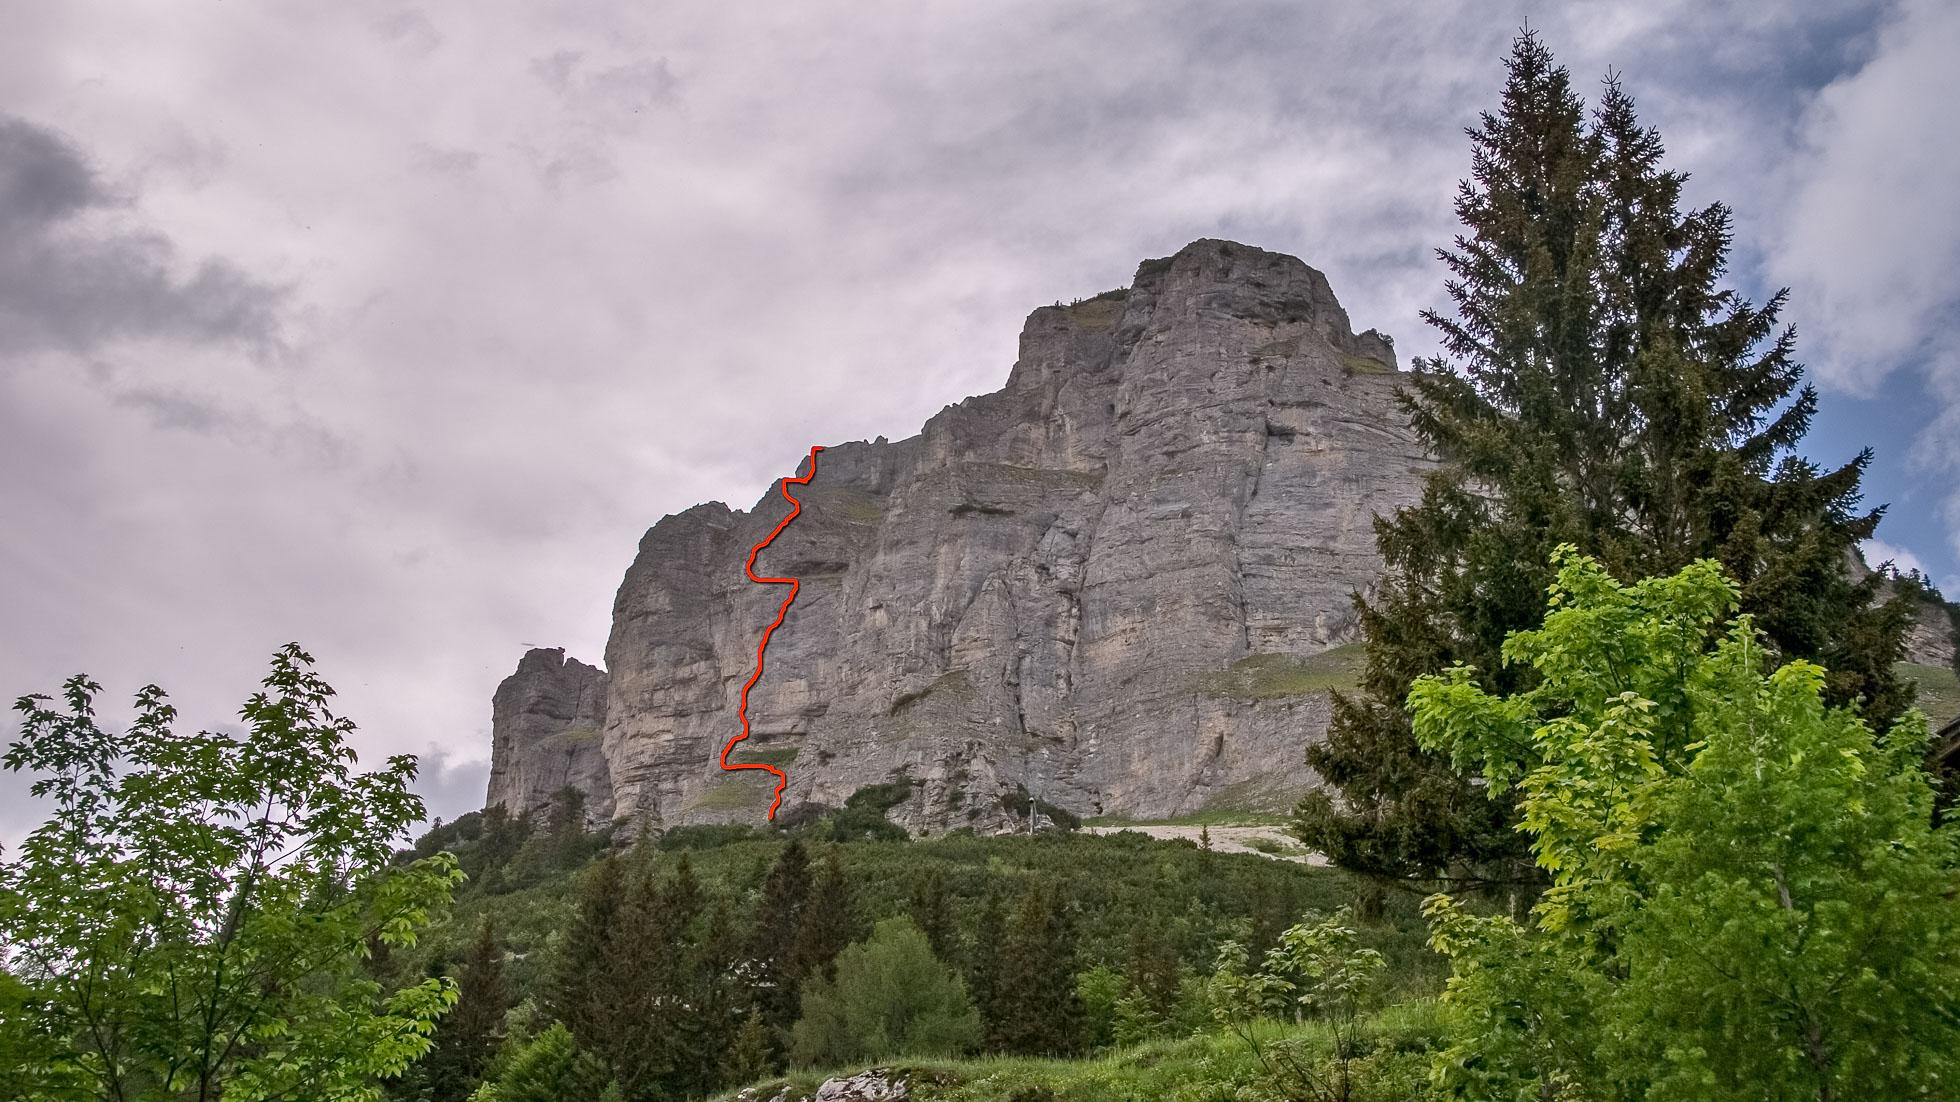 Klettersteig Loser : Loser panorama klettersteig u esissiu c aseite Österreich